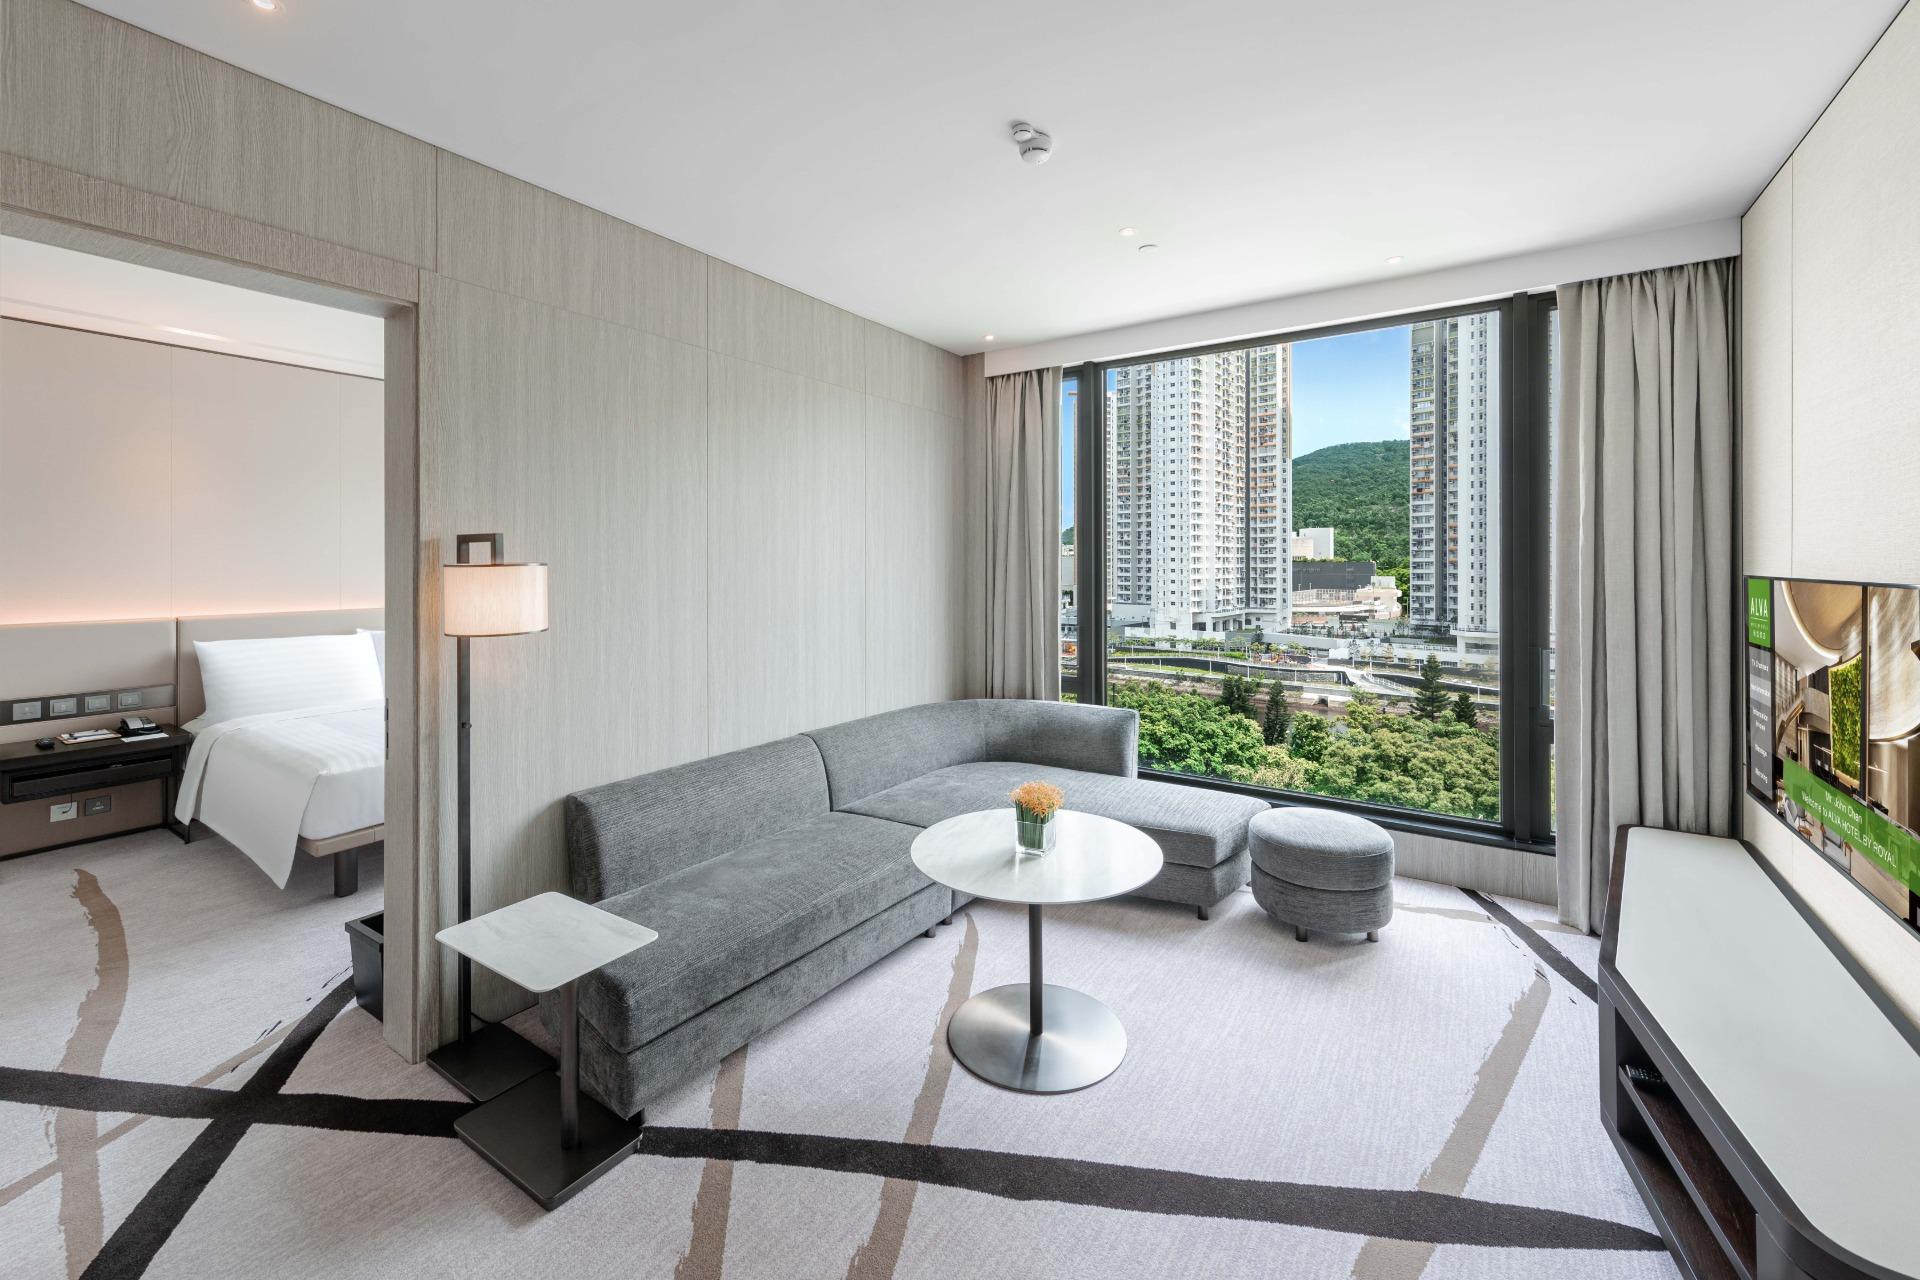 alva-rooms-apartment-living64